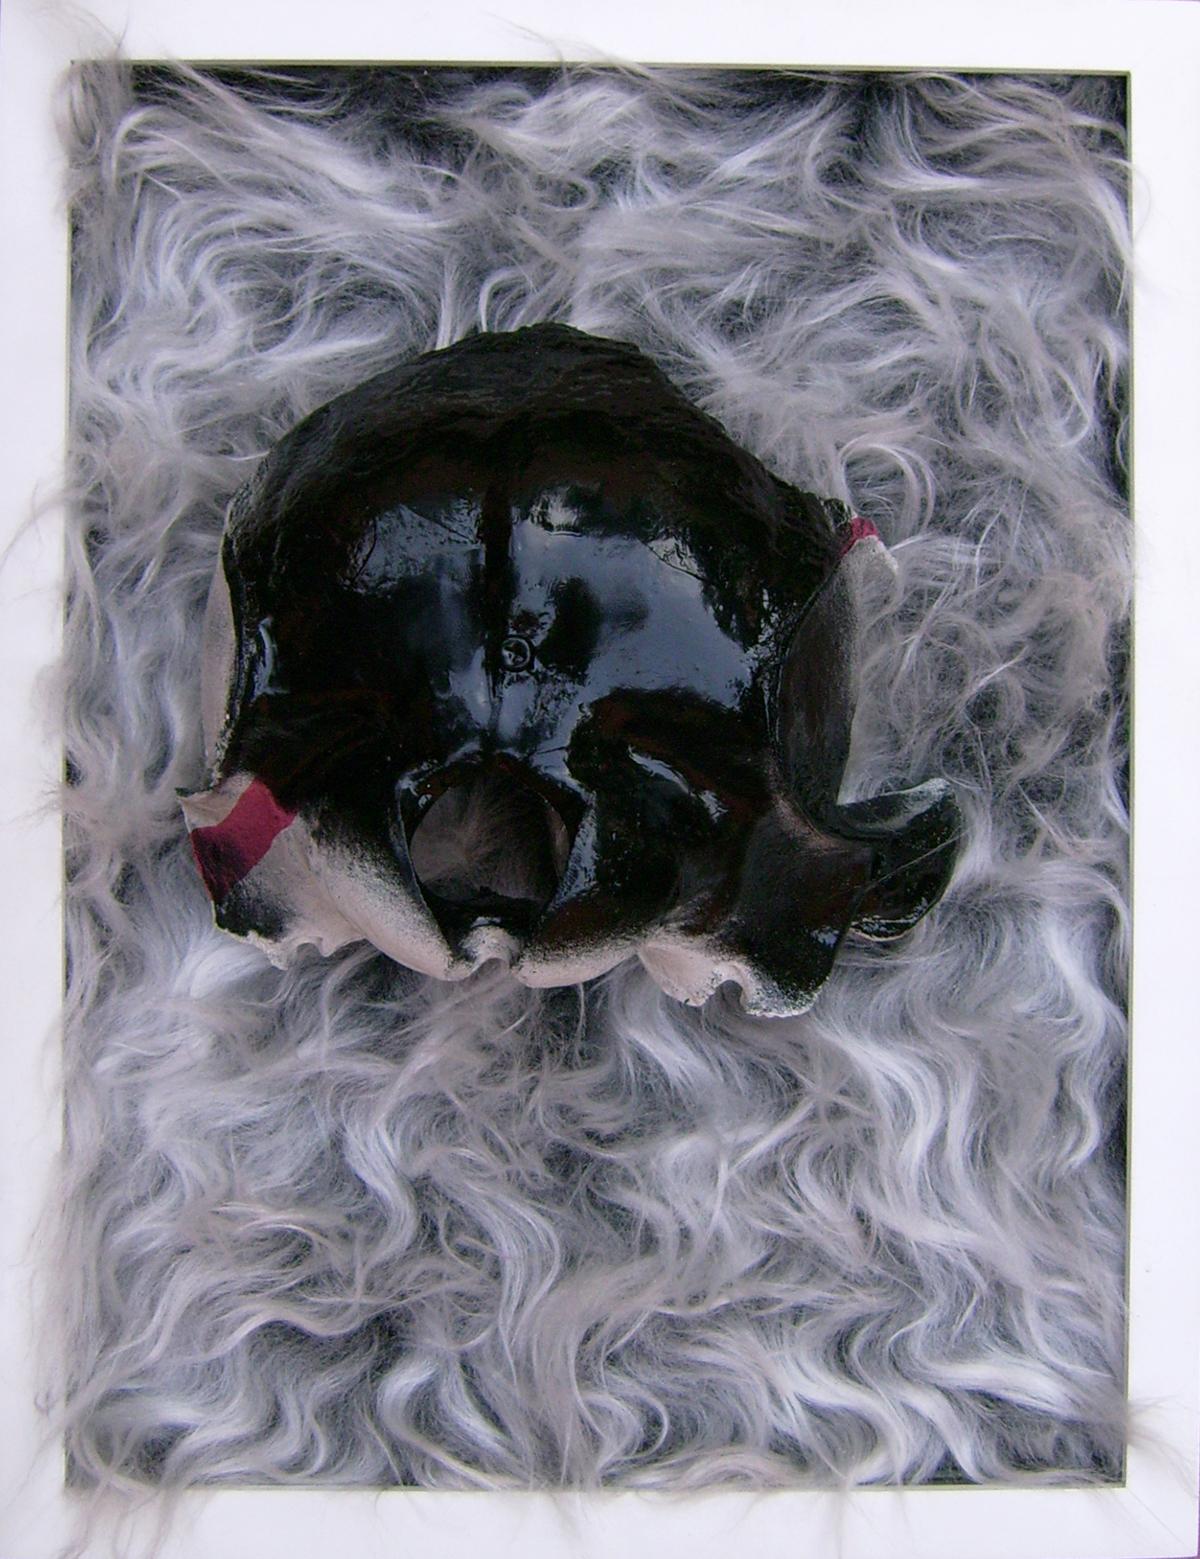 Craneo de delfín, 44x34x13 cm, hueso, felpa sintética, aerosoles y pintura de aceite, 2011, $17,000.jpg